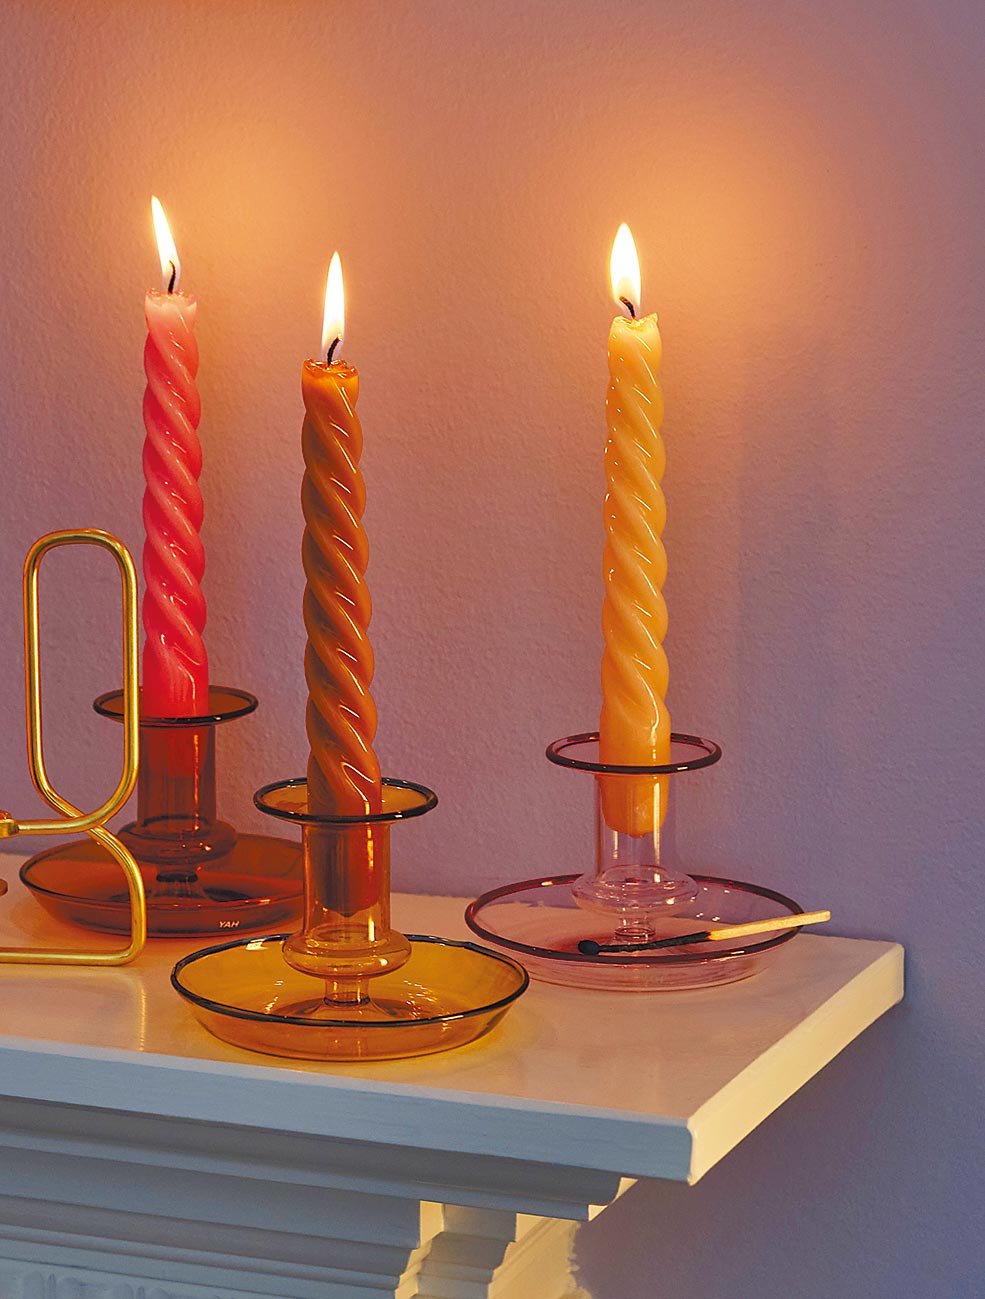 Hay的Flare玻璃燭台,以口吹玻璃製成,擁有多種色彩,下緣以迷你托盤的方式設計,方便拿取兼具置物功能。(Hay提供)